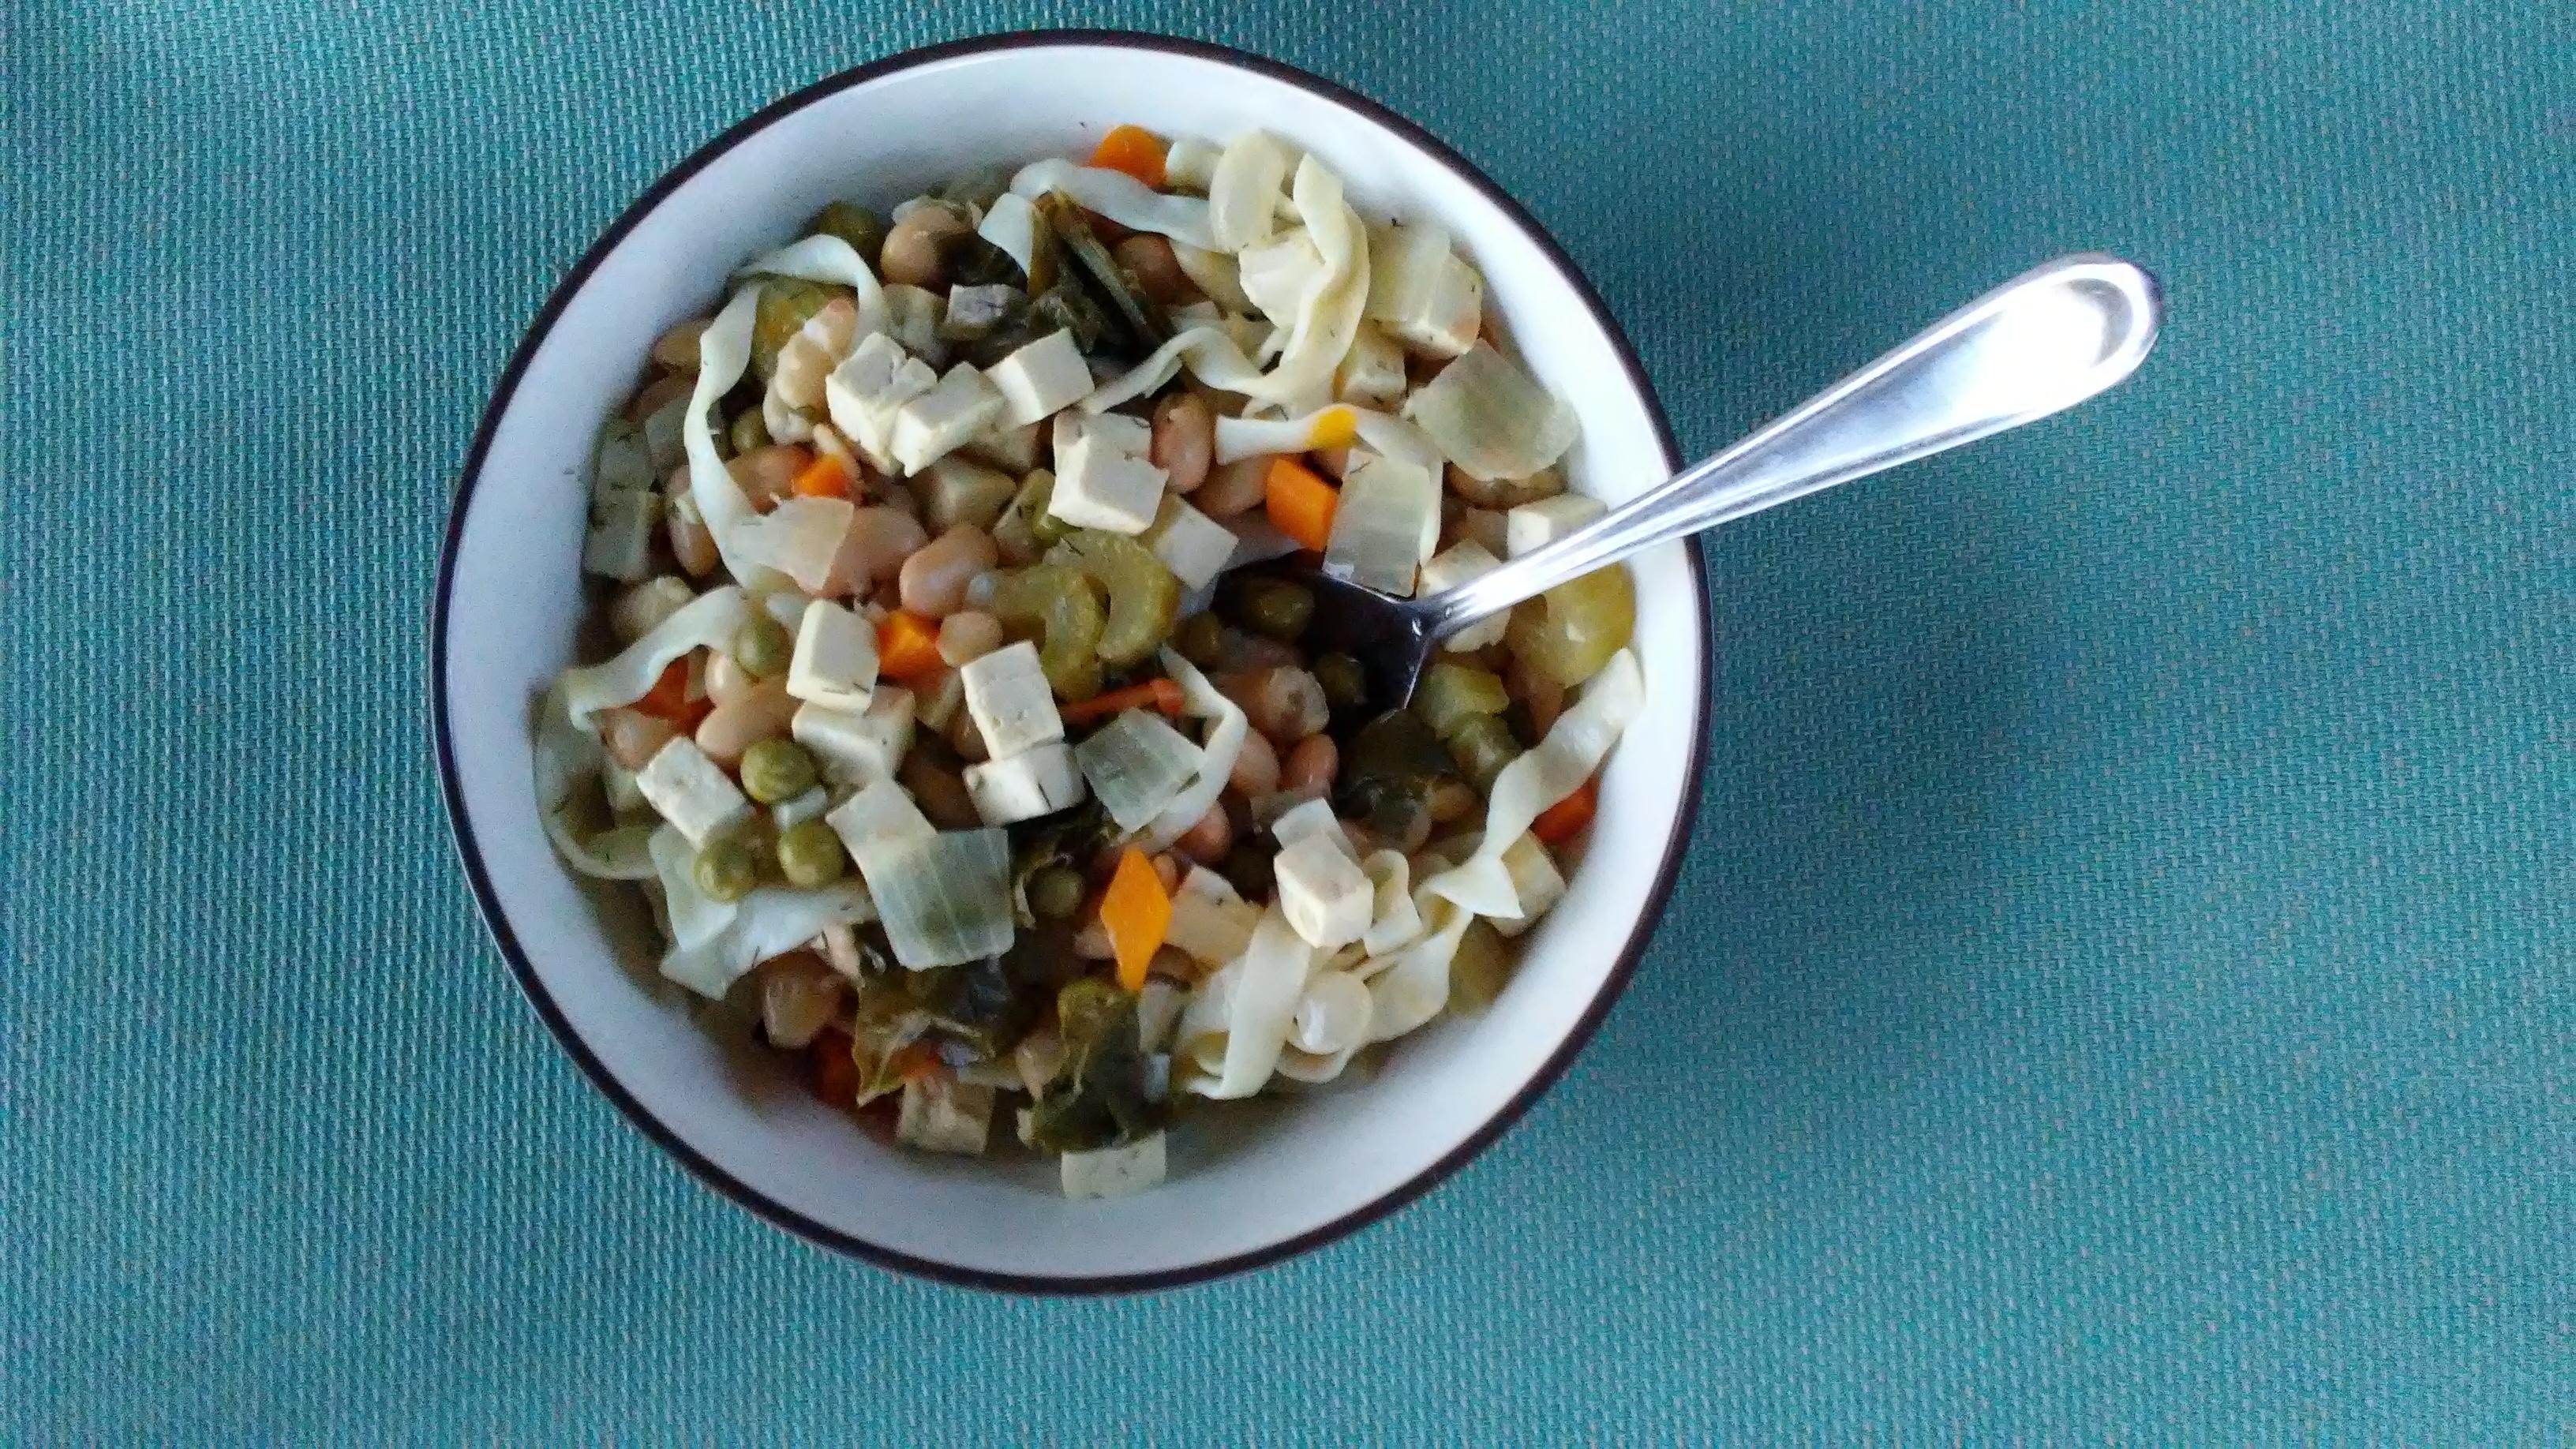 Tofu Noodle Soup. Photo by Jacquelyn.